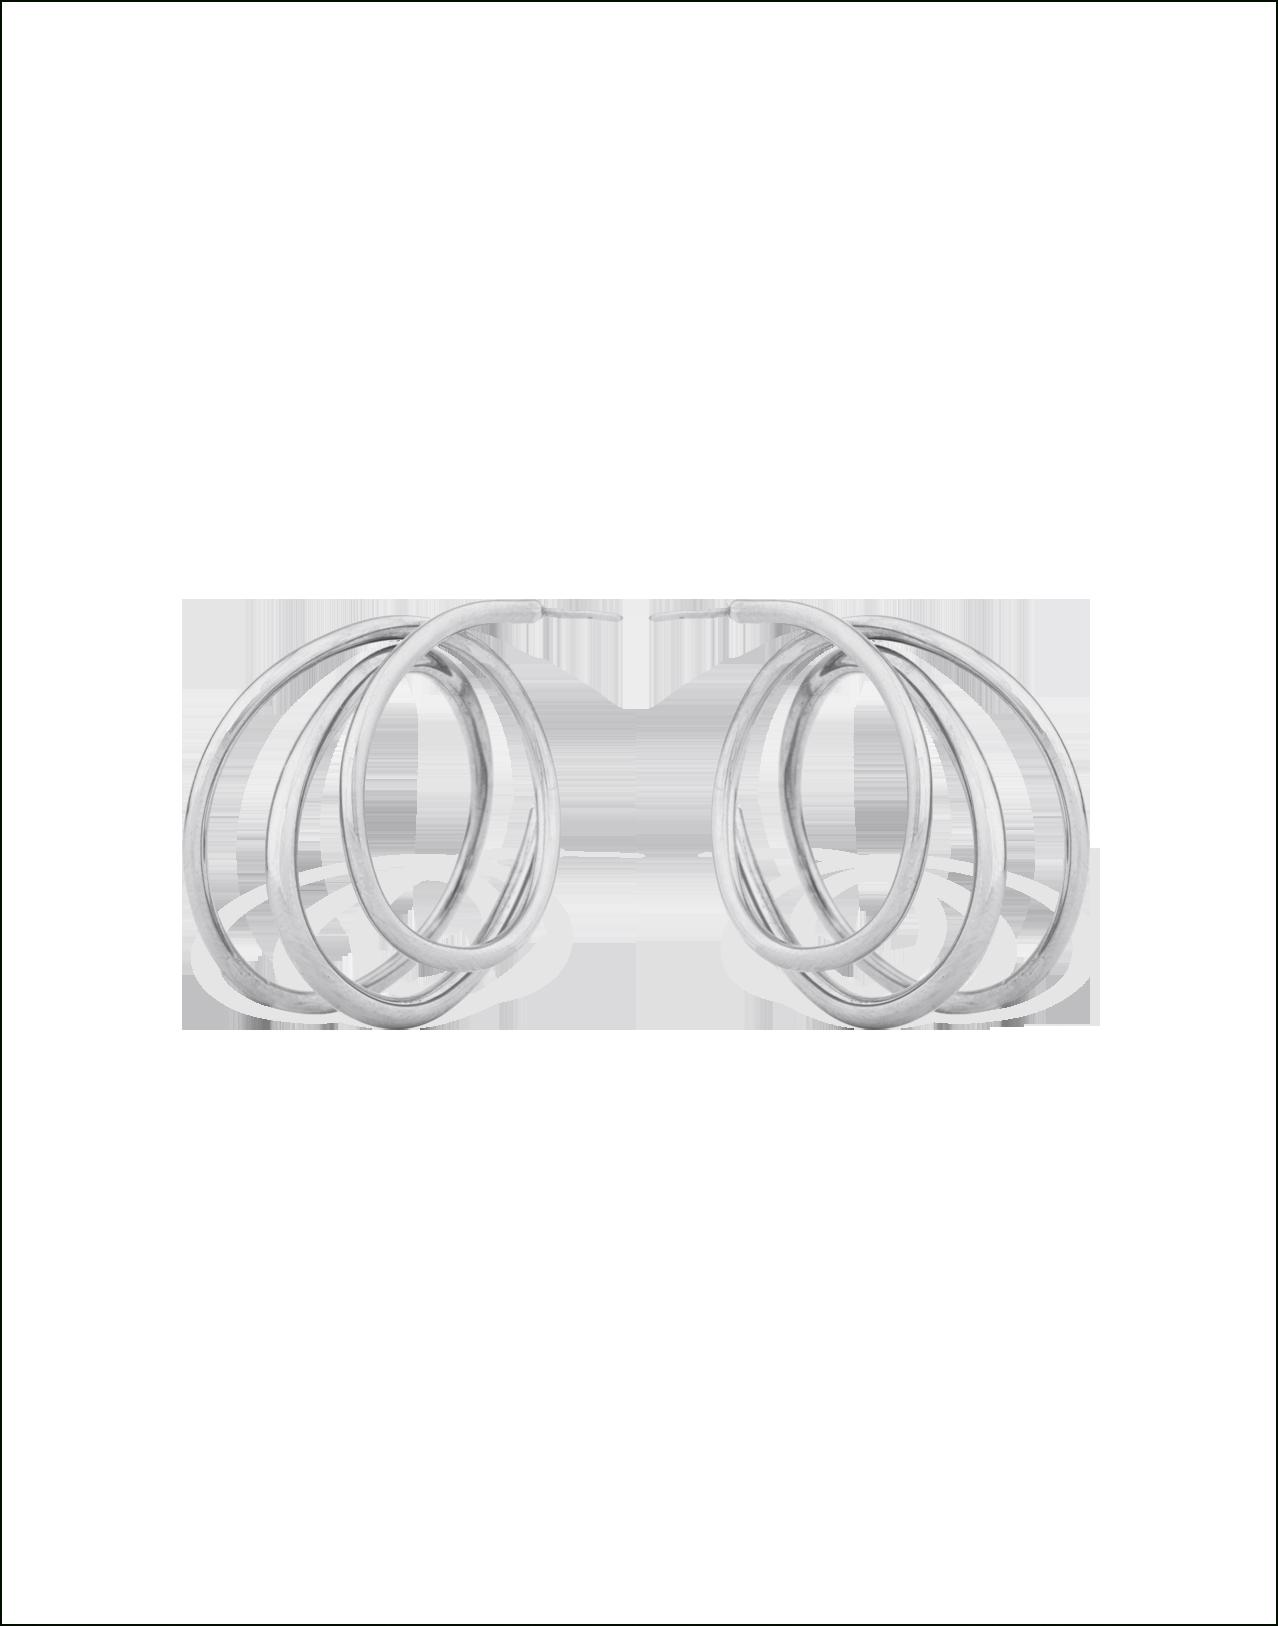 Completedworks-Earrings-Silver-Flow-II-2-1.png